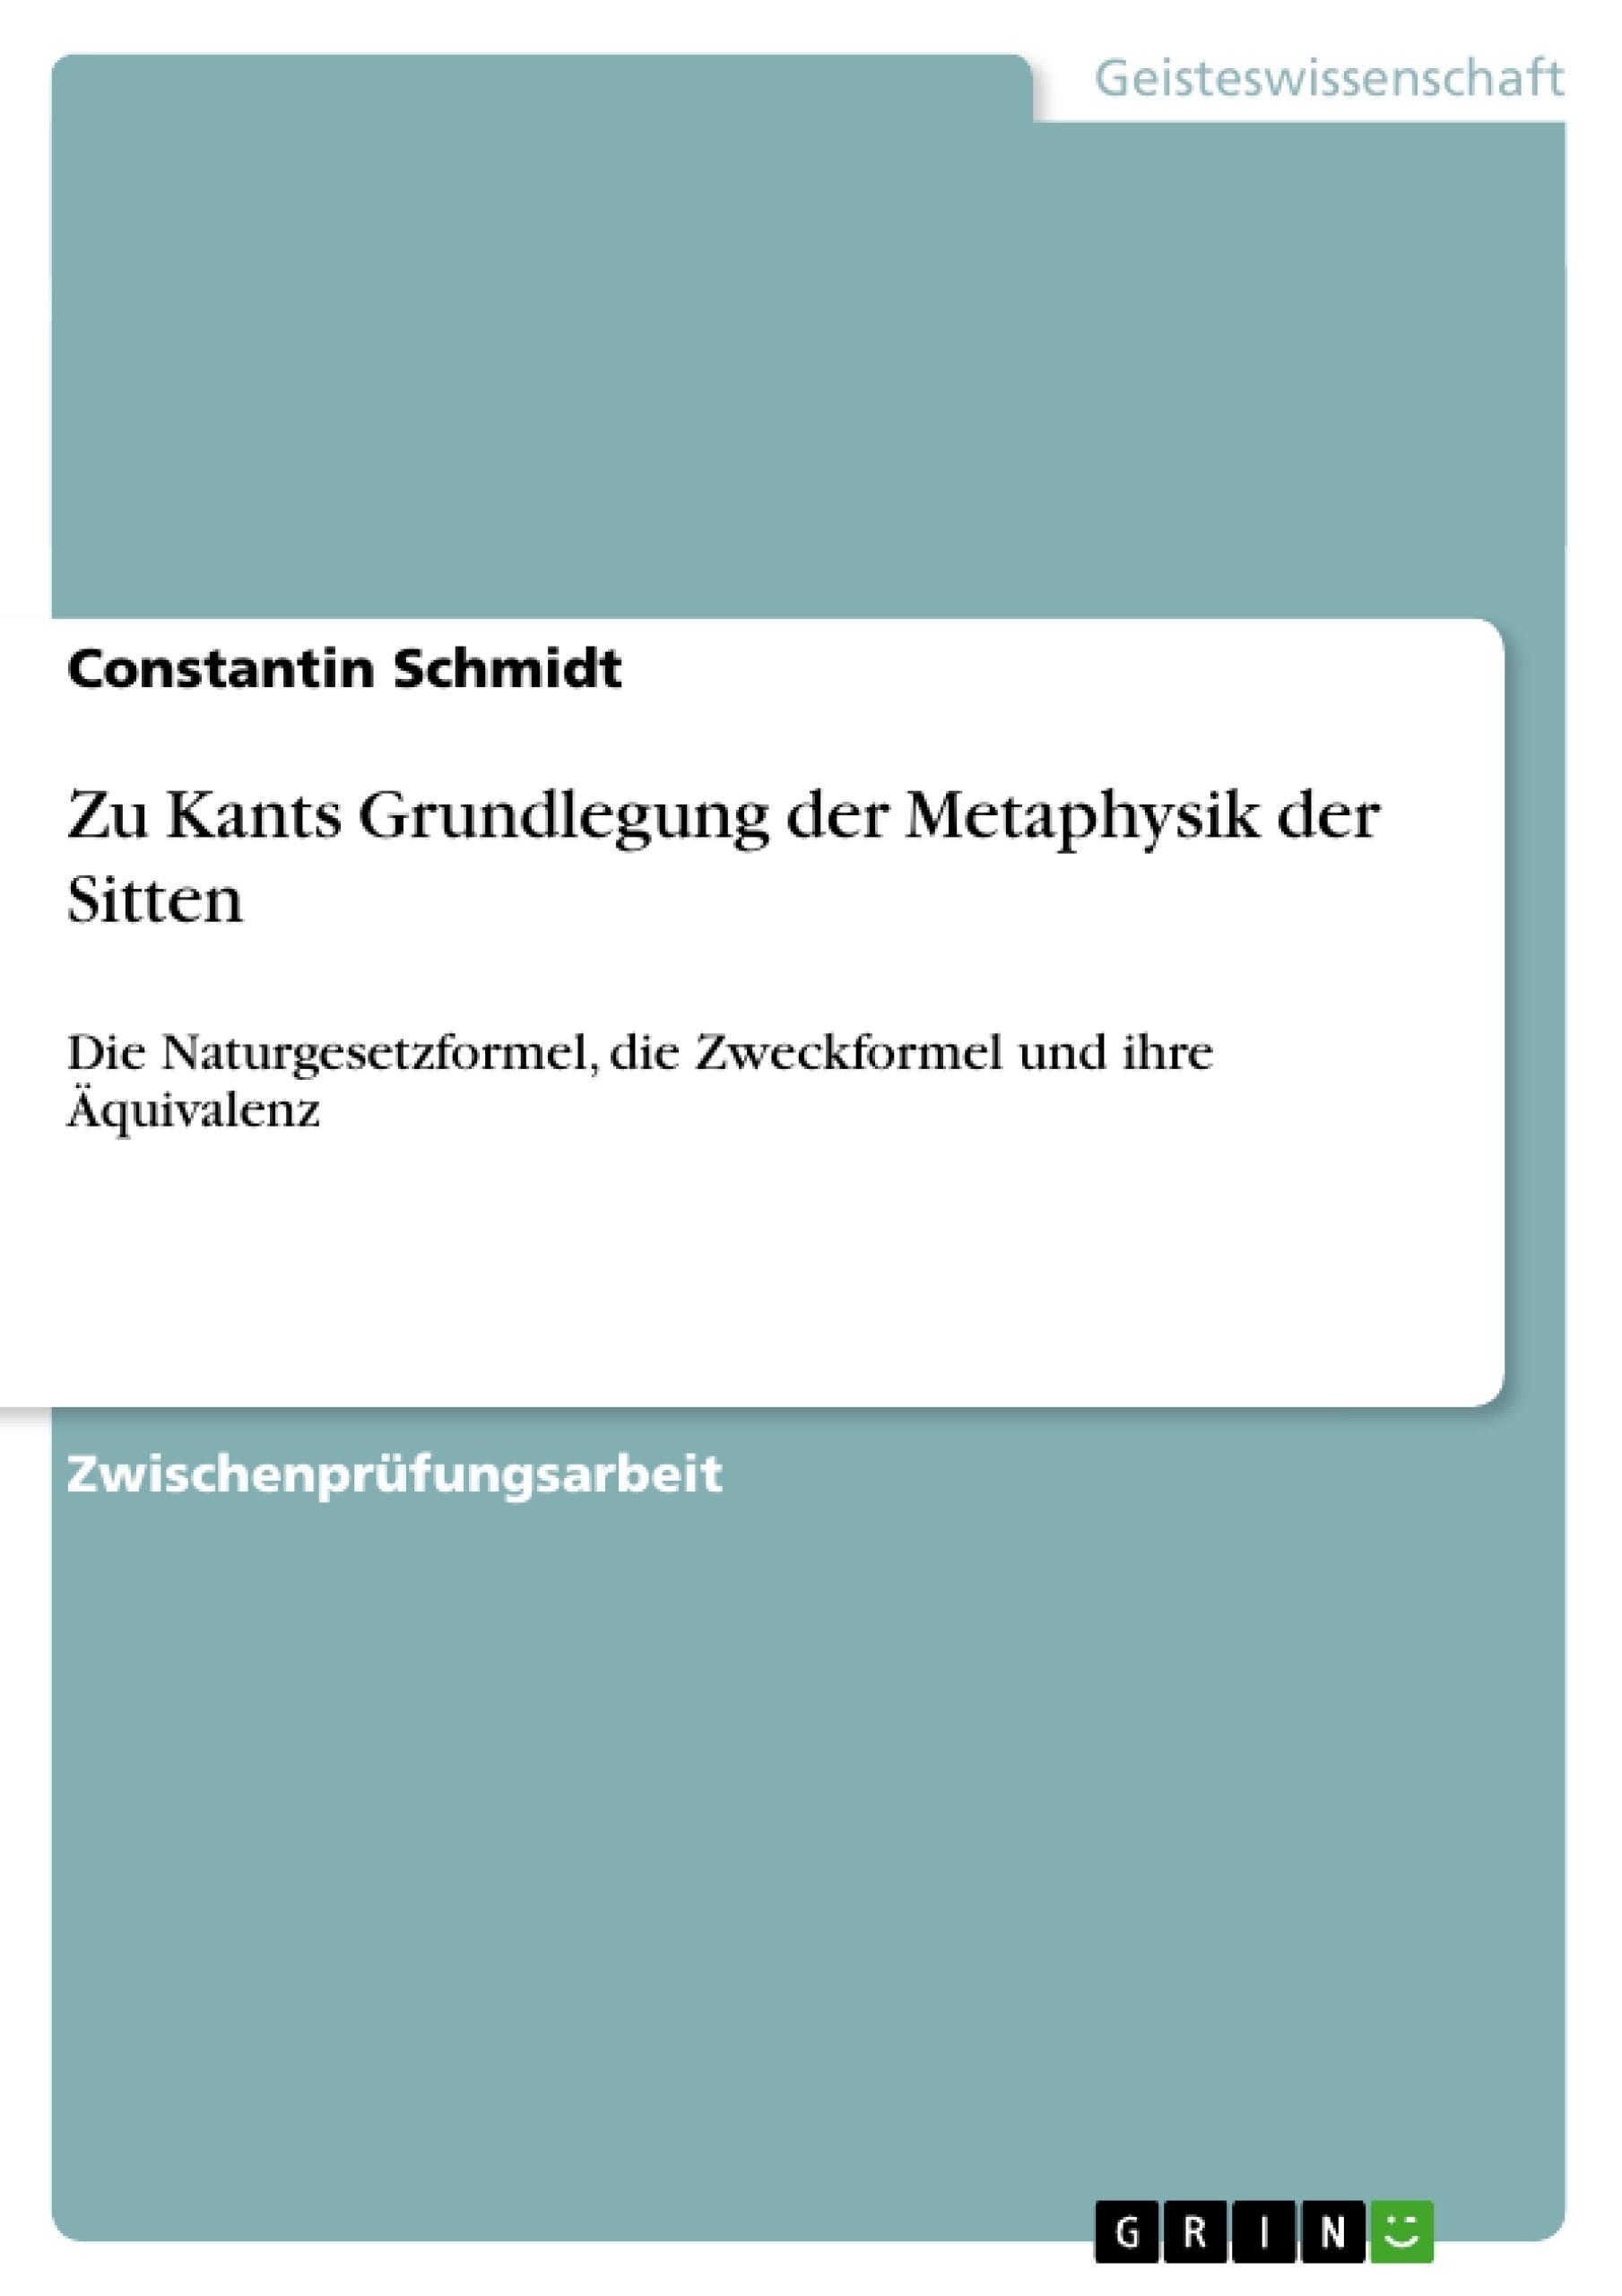 Titel: Zu Kants Grundlegung der Metaphysik der Sitten